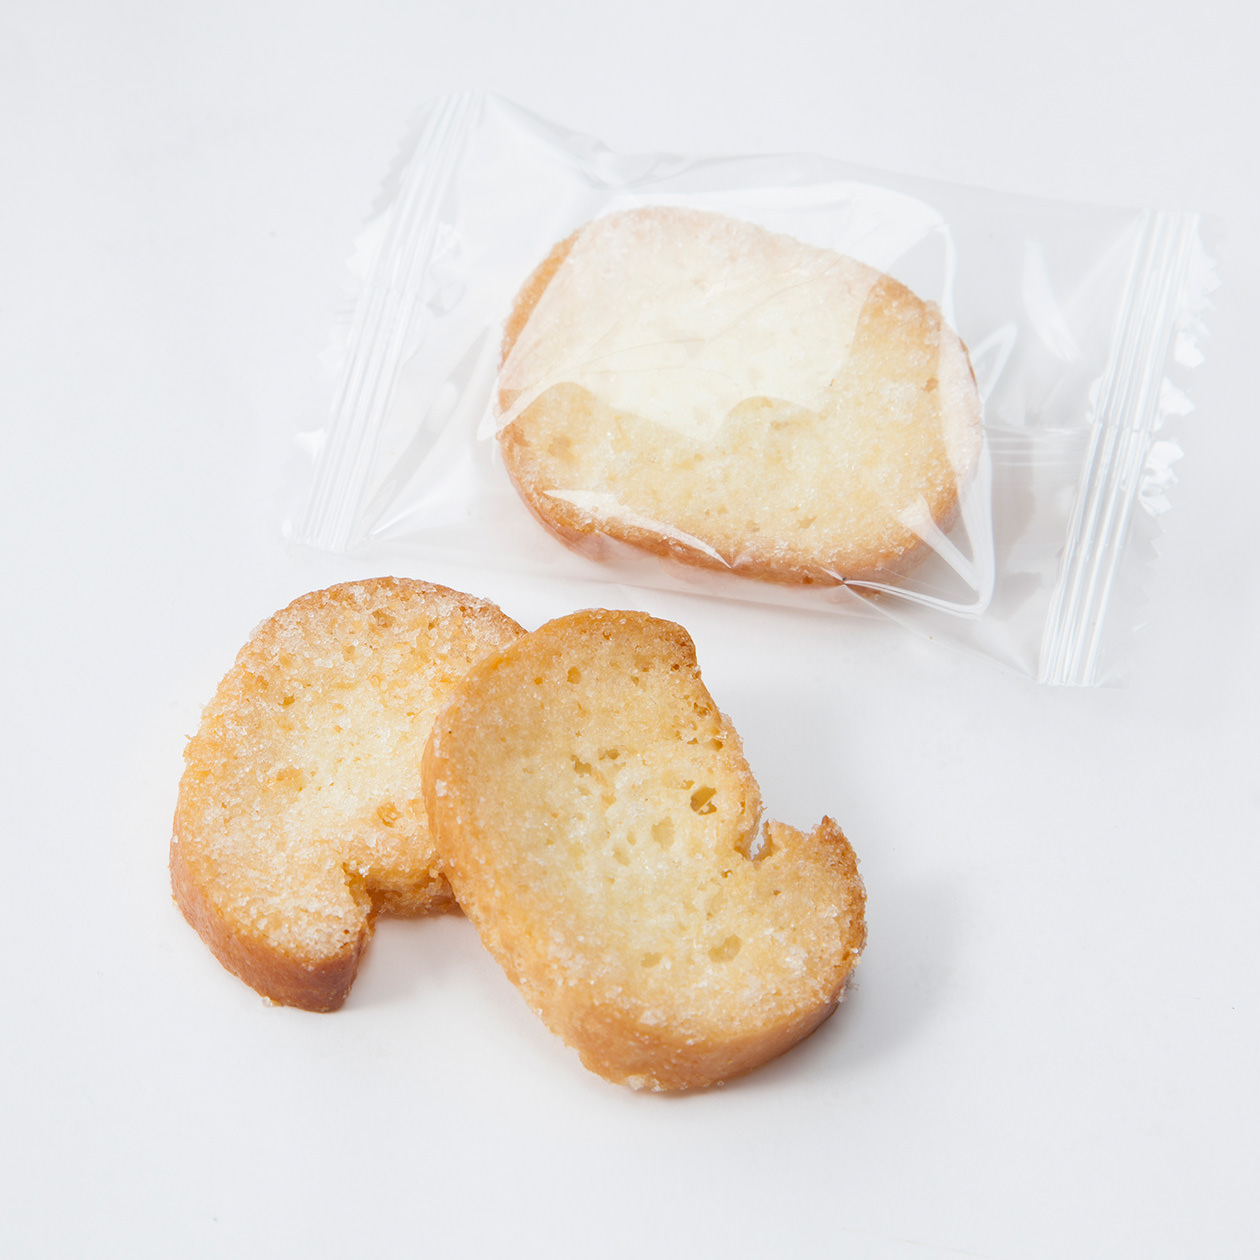 フランスパンラスク シュガー